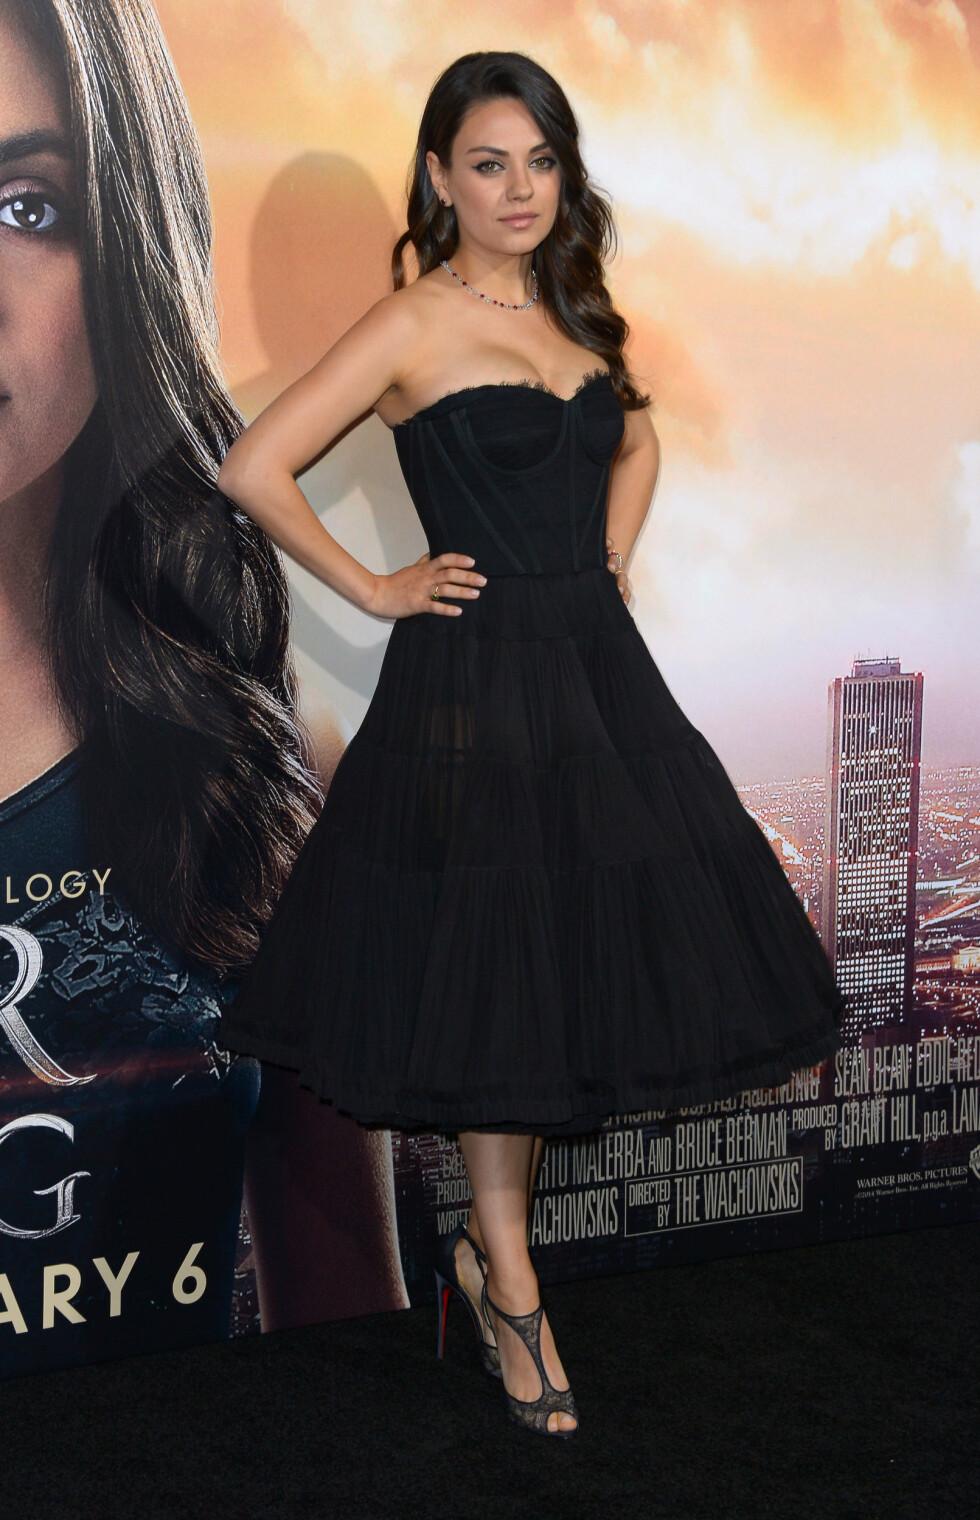 MEST HJEMME: Mila Kunis har uttalt at hun ønsker å oppdra datteren selv, og har ingen hast med å spille inn filmer igjen. I starten av februar strålte hun på «Jupiter Ascending»-premieren i Los Angeles. Foto: Stewart Cook/REX/All Over Press